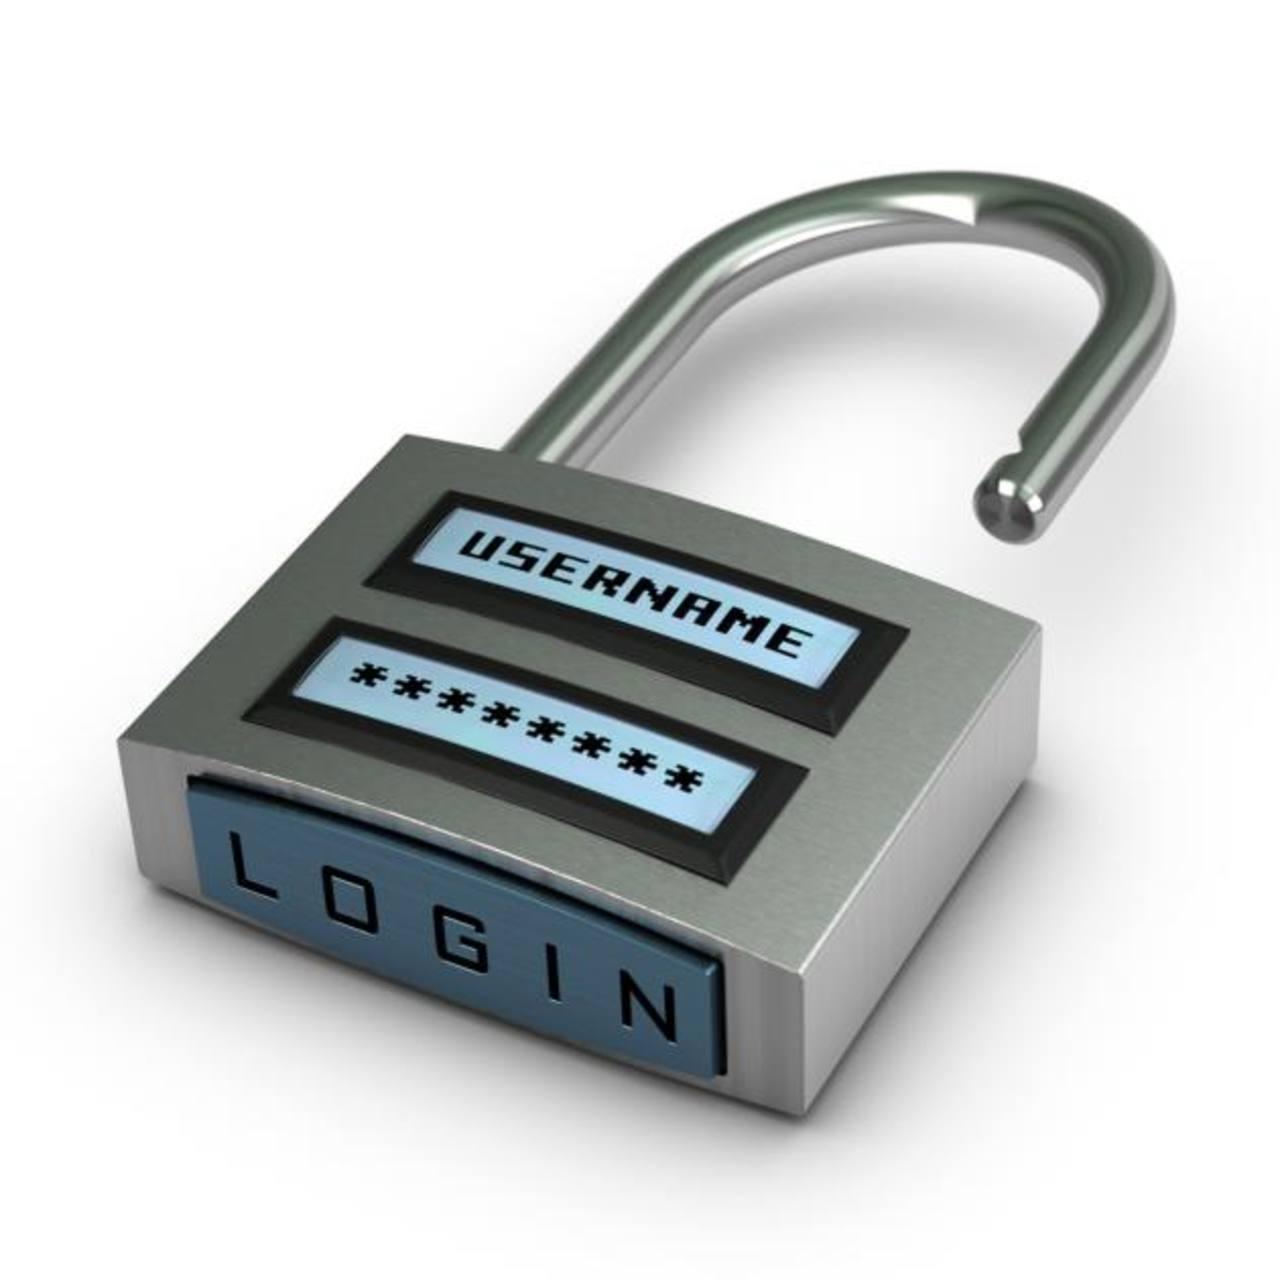 """La clave """"123456"""" fue la más común, ya que fue usada en casi 16,000 cuentas. foto"""